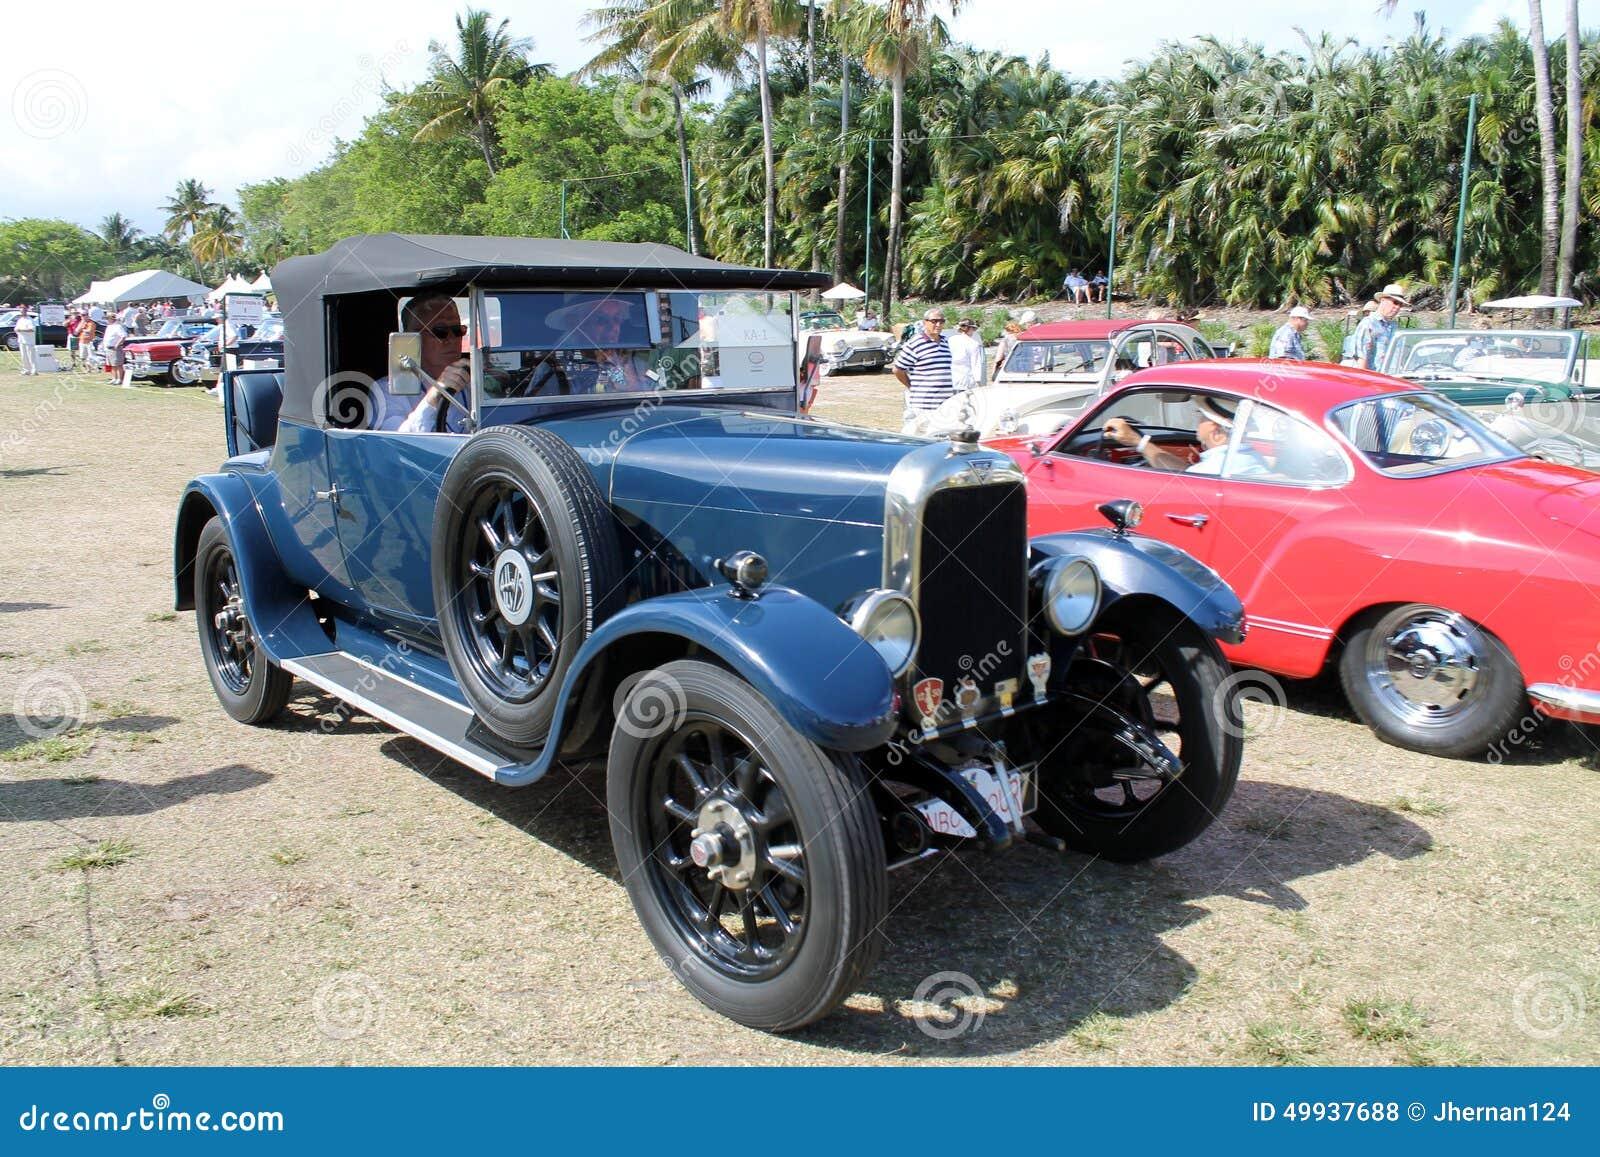 Carro antigo velho conduzido